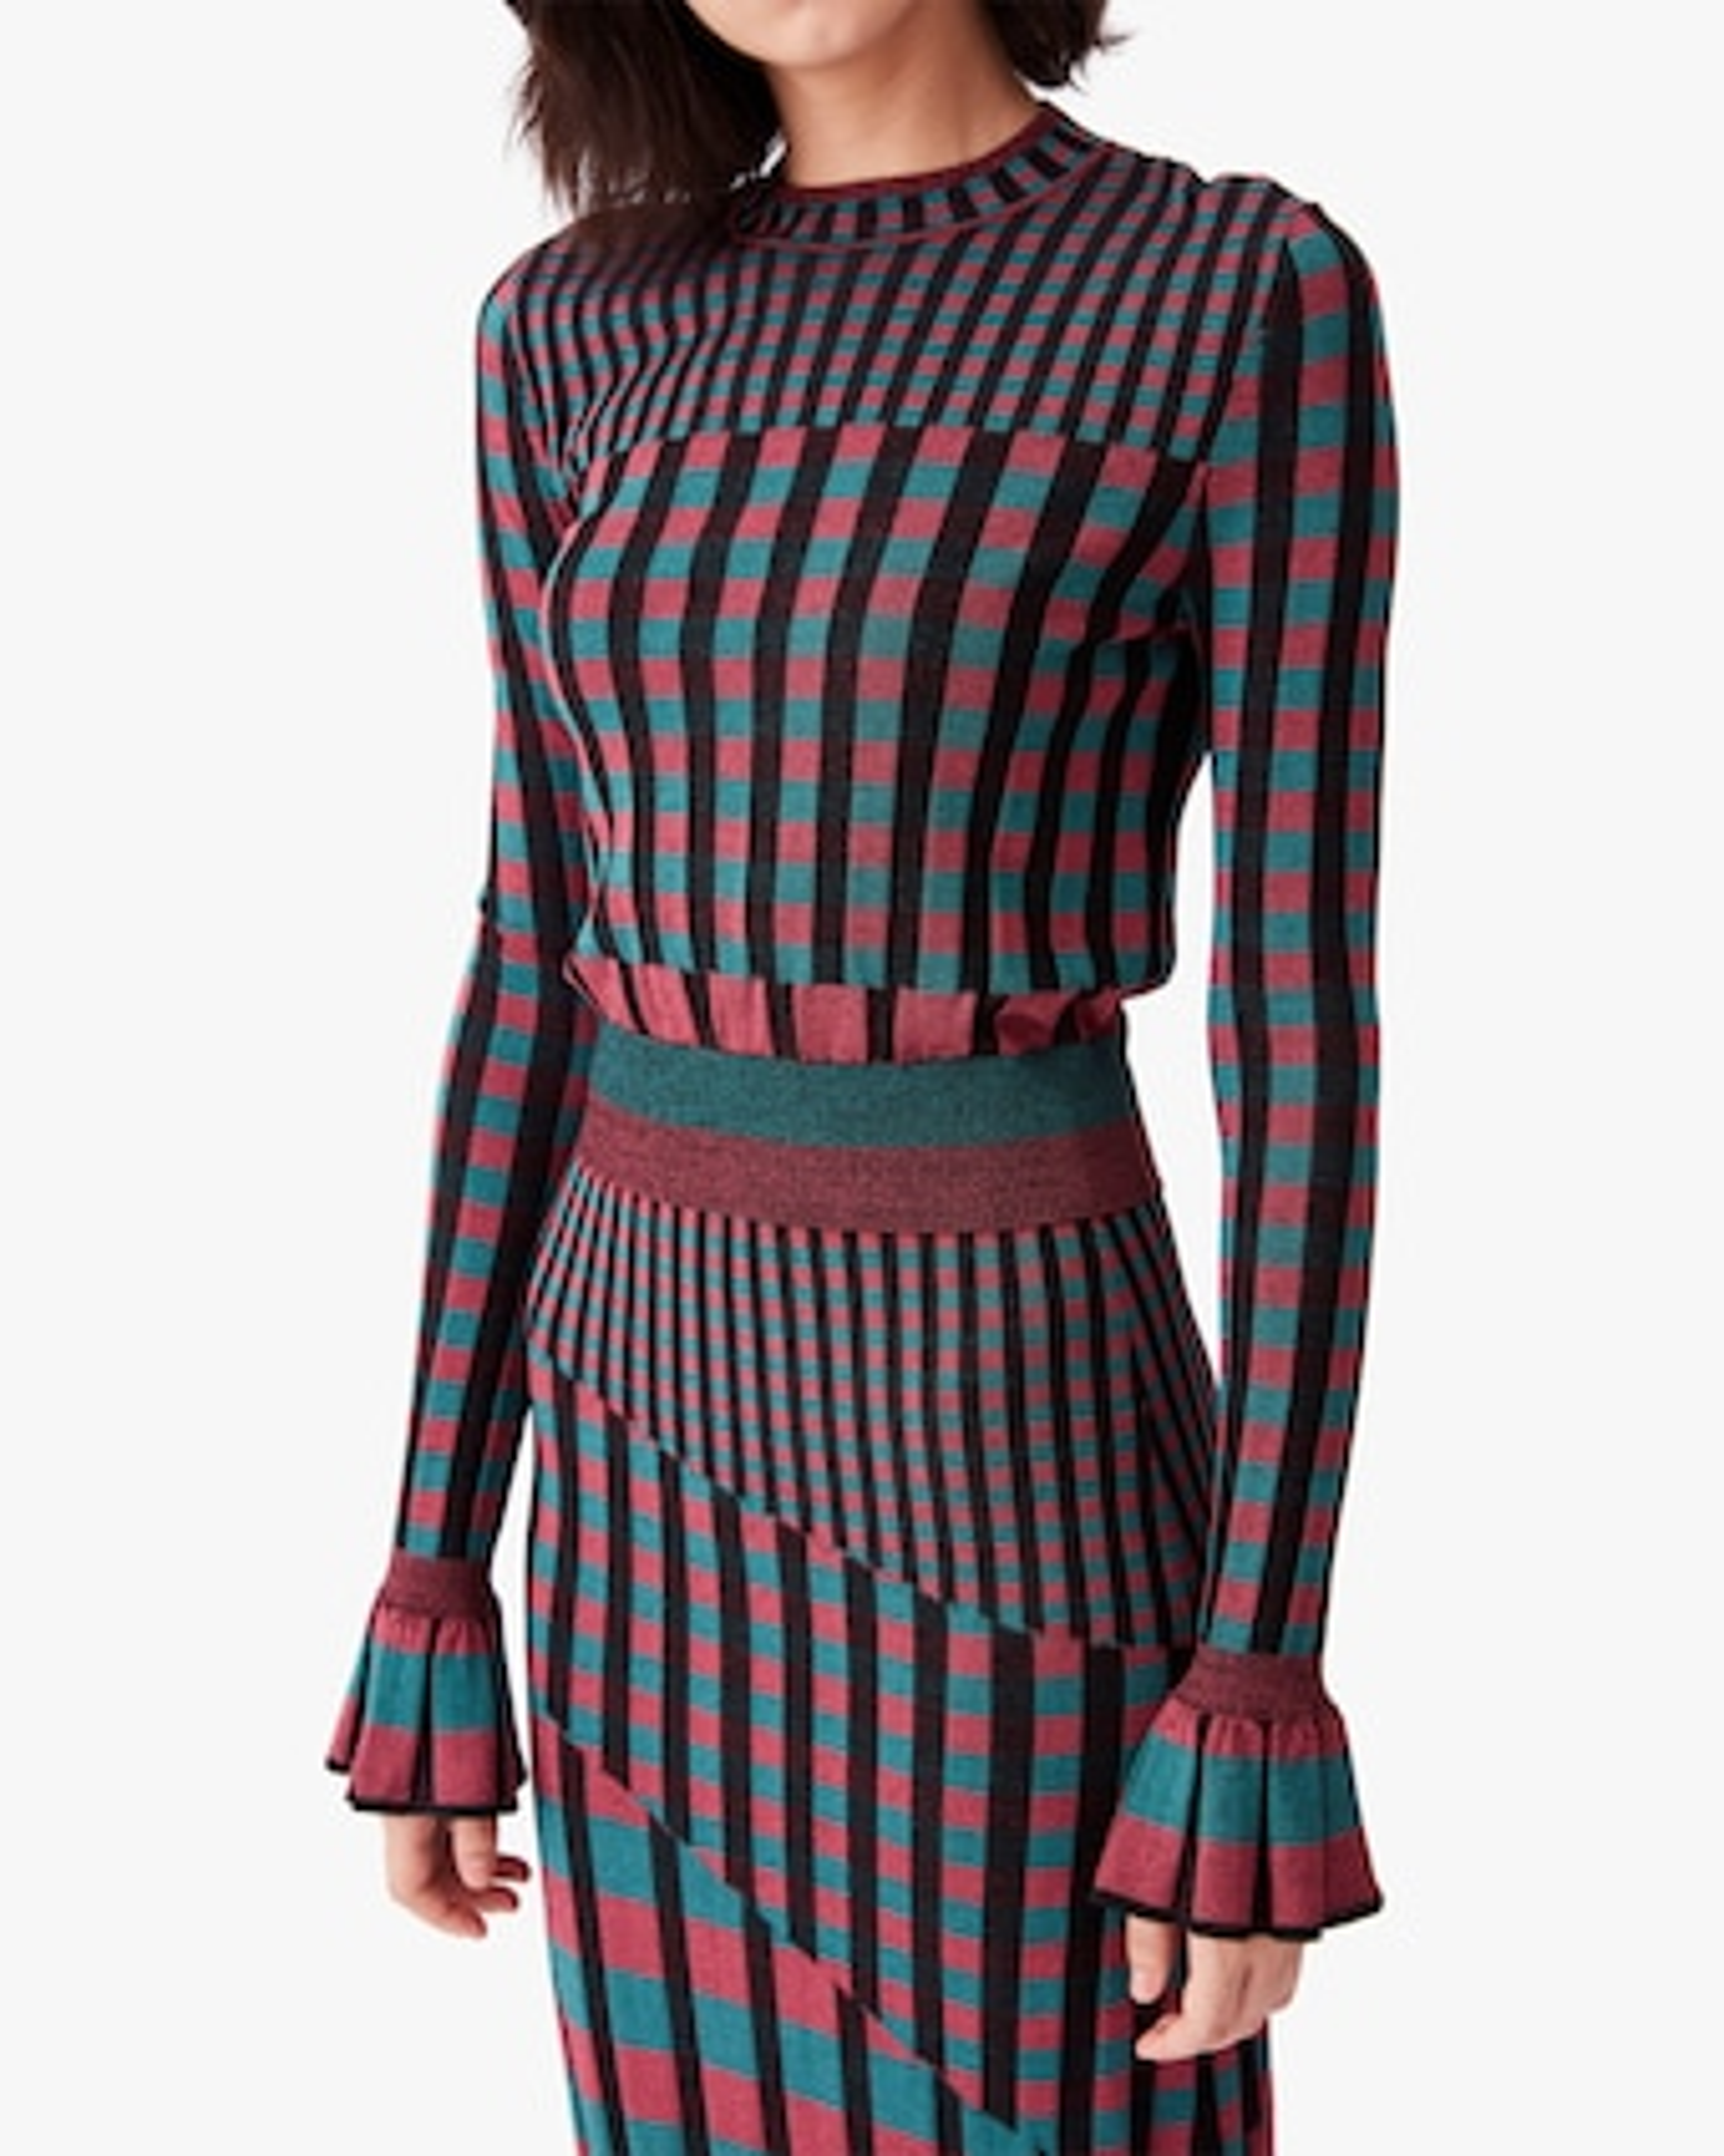 Diane von Furstenberg Clemment Knit Top 1